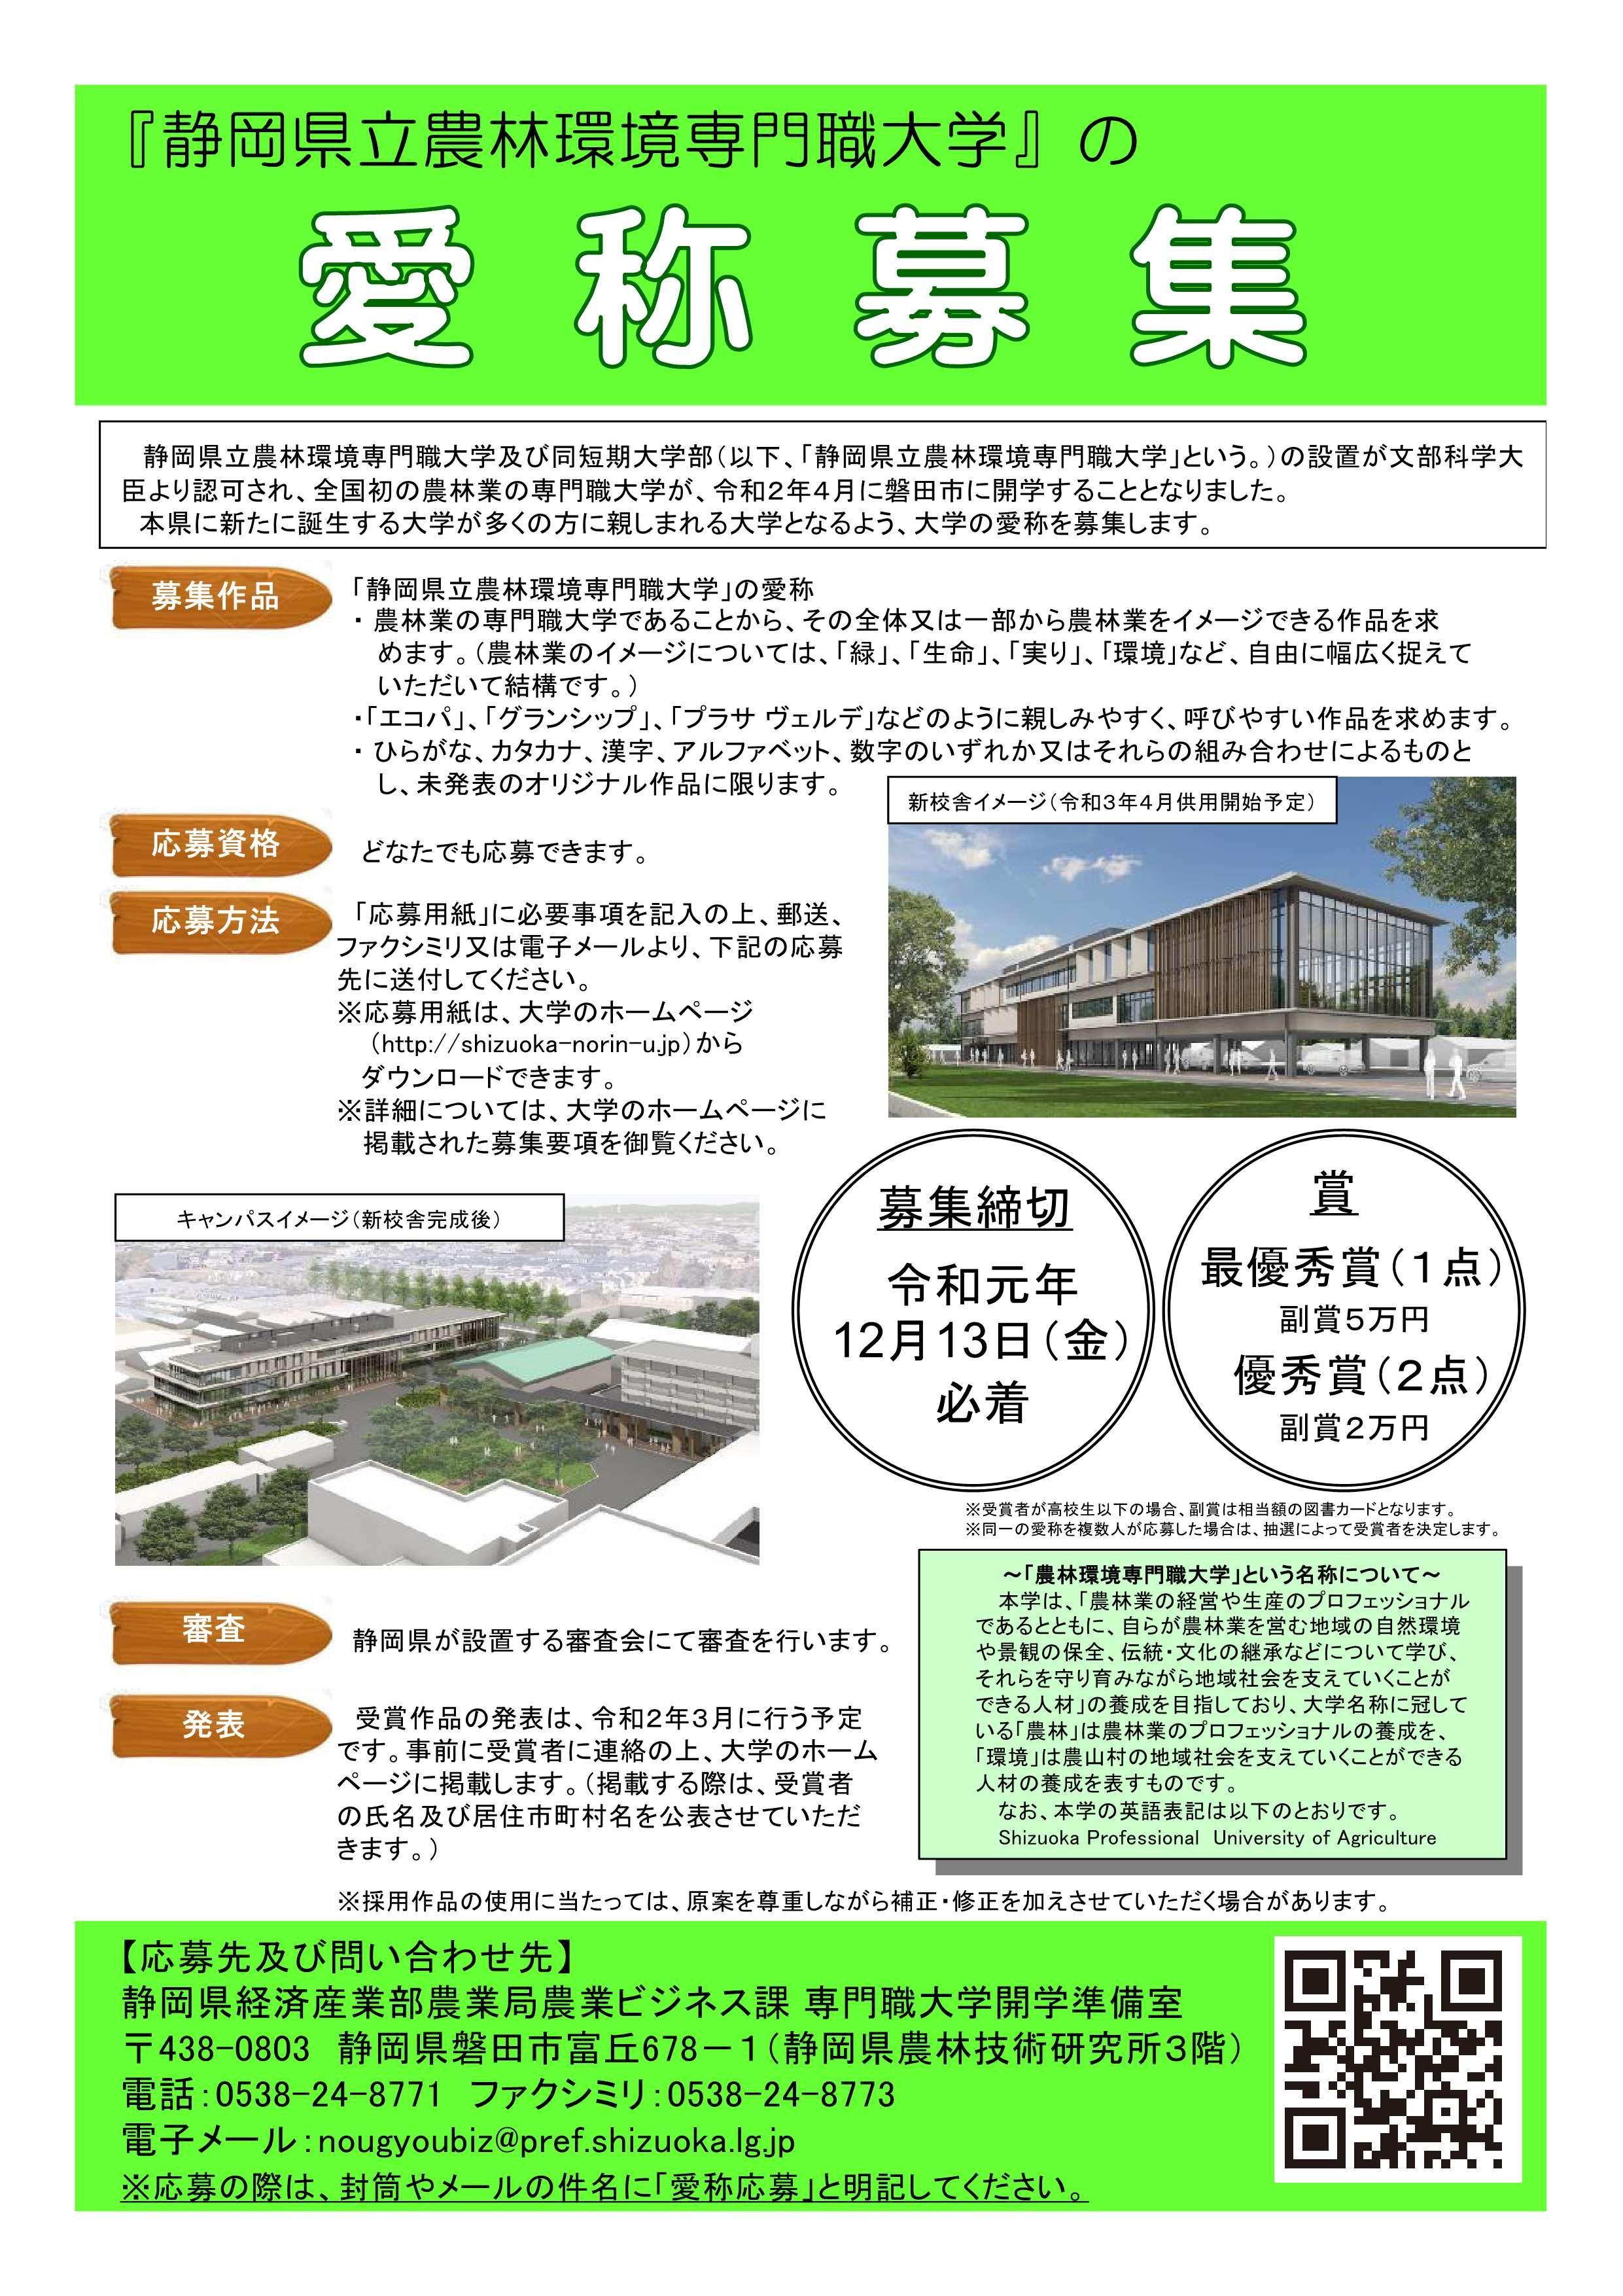 「静岡県立農林環境専門職大学」の愛称および校章デザインを募集します!